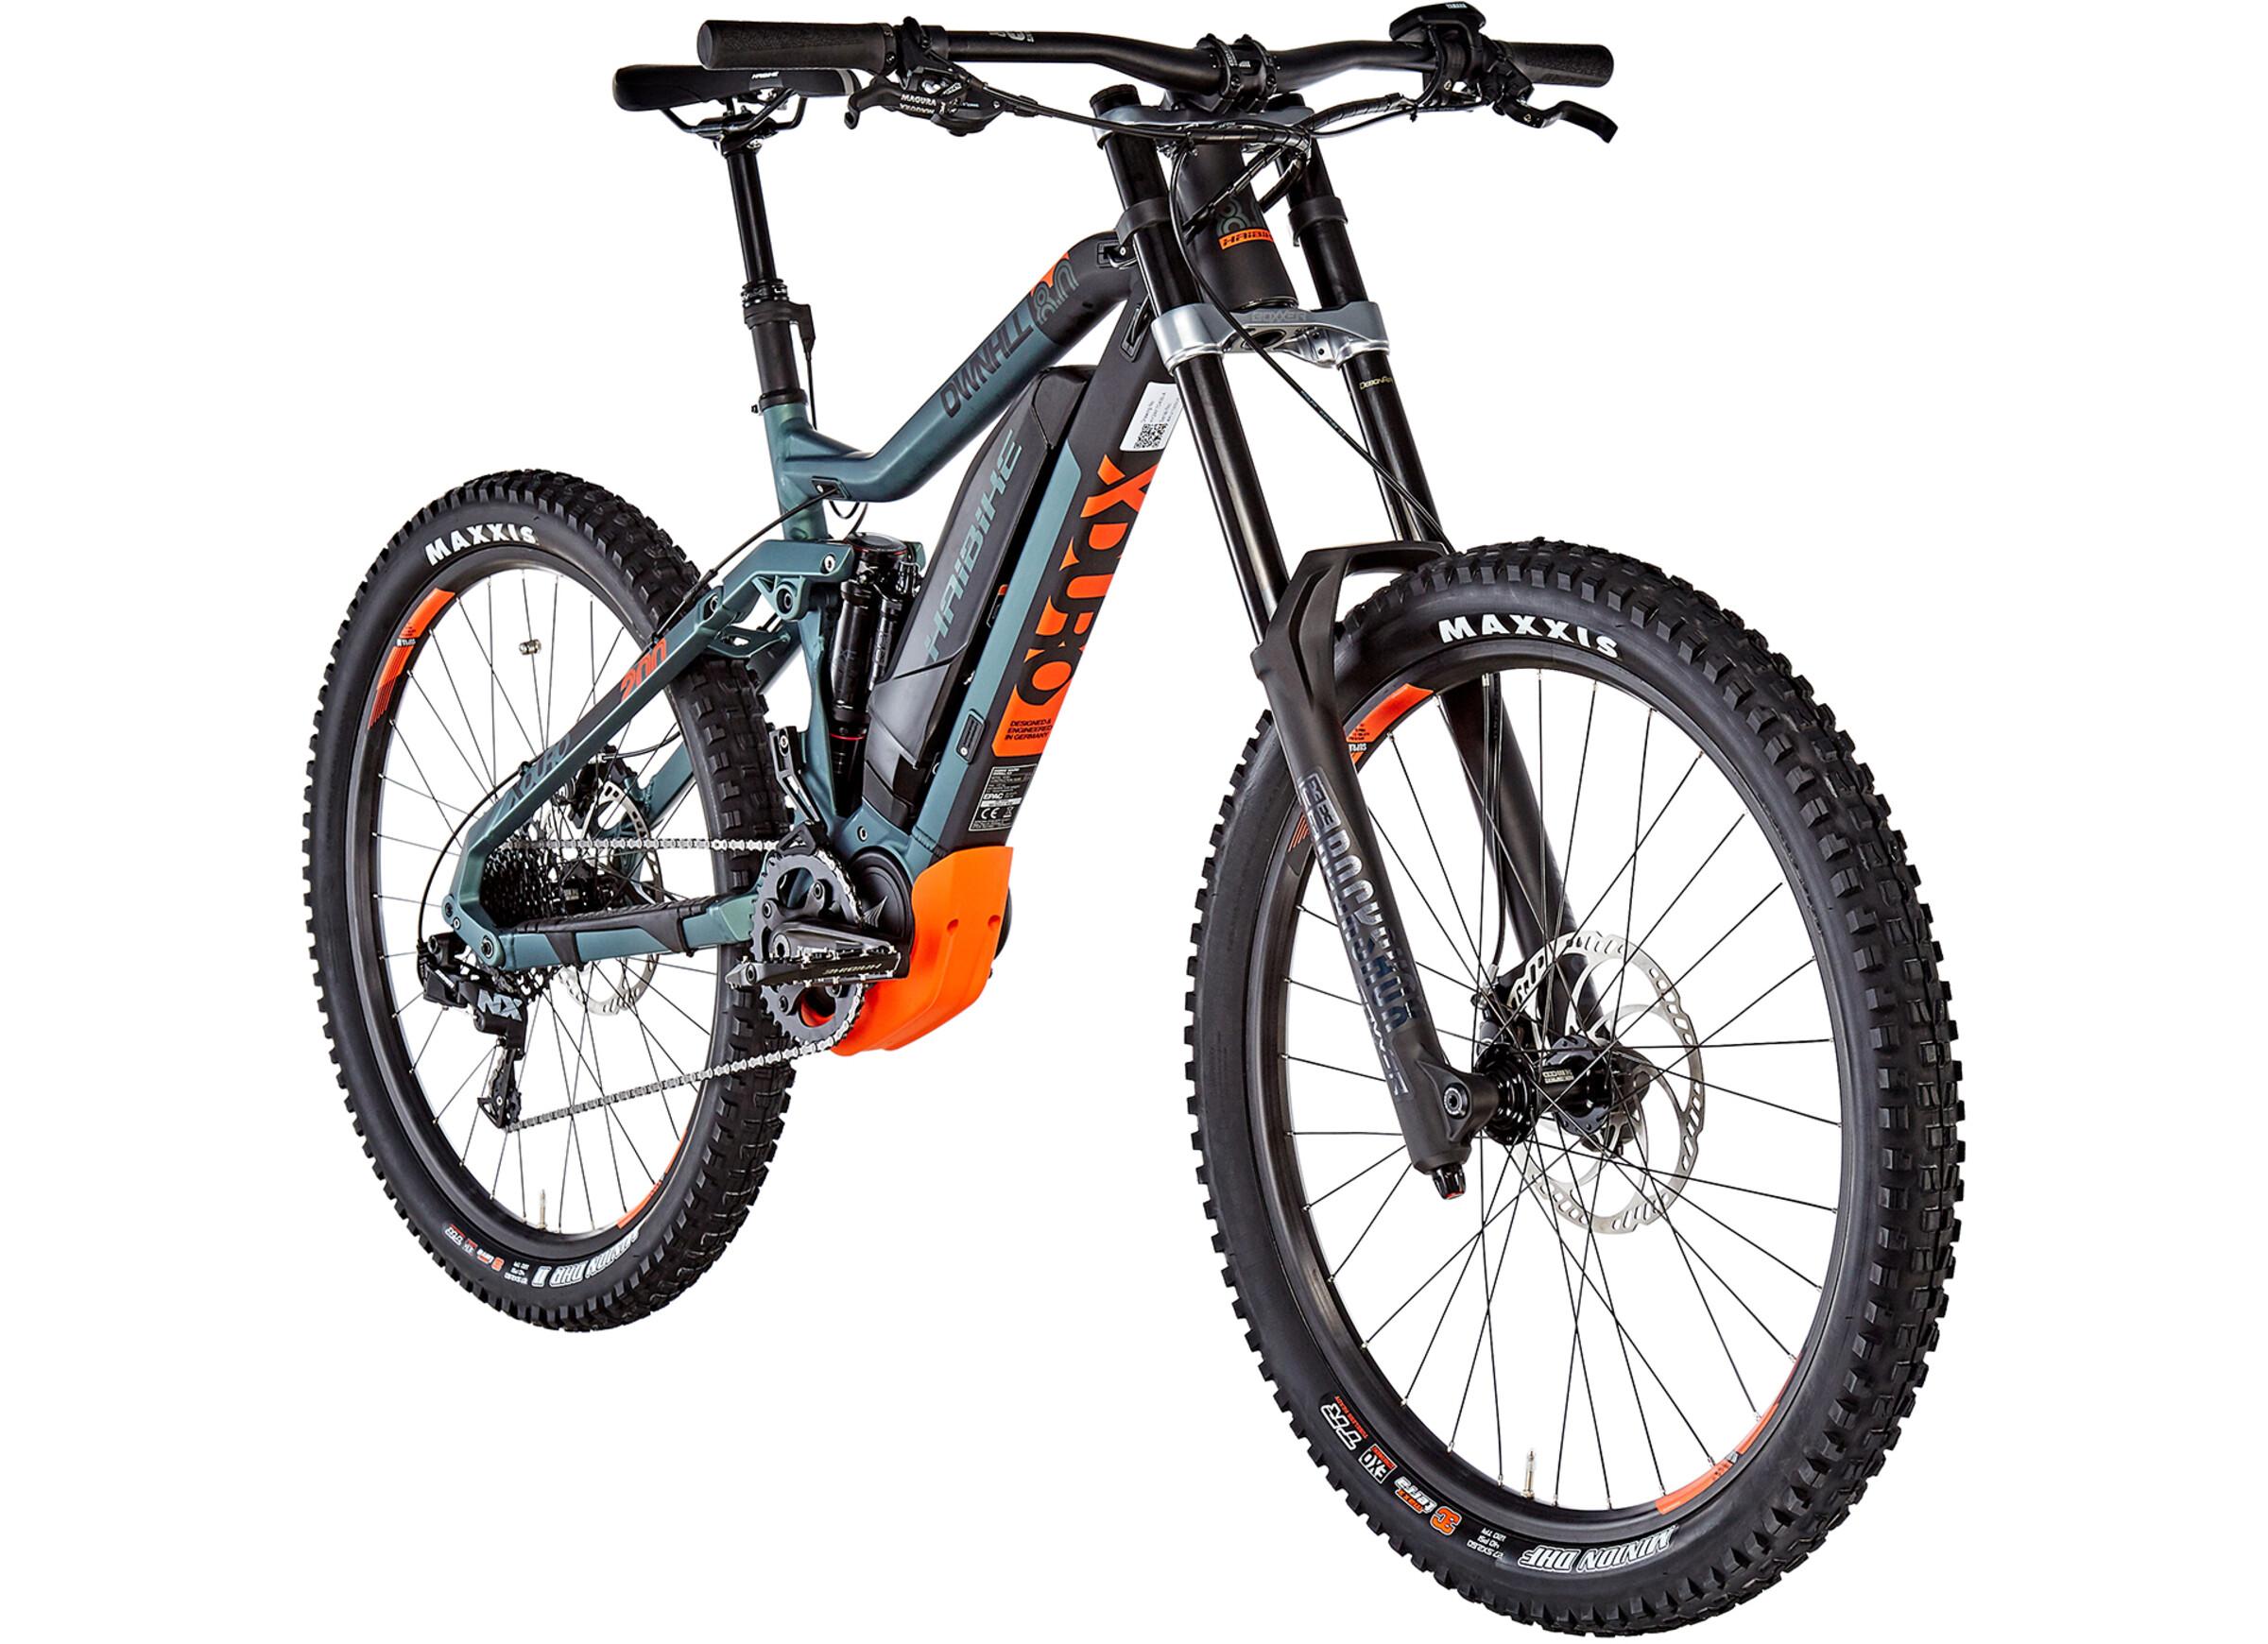 Haibike Xduro Dwnhll 80 Bicicletta Elettrica Full Suspension Uomo Neroverde Oliva